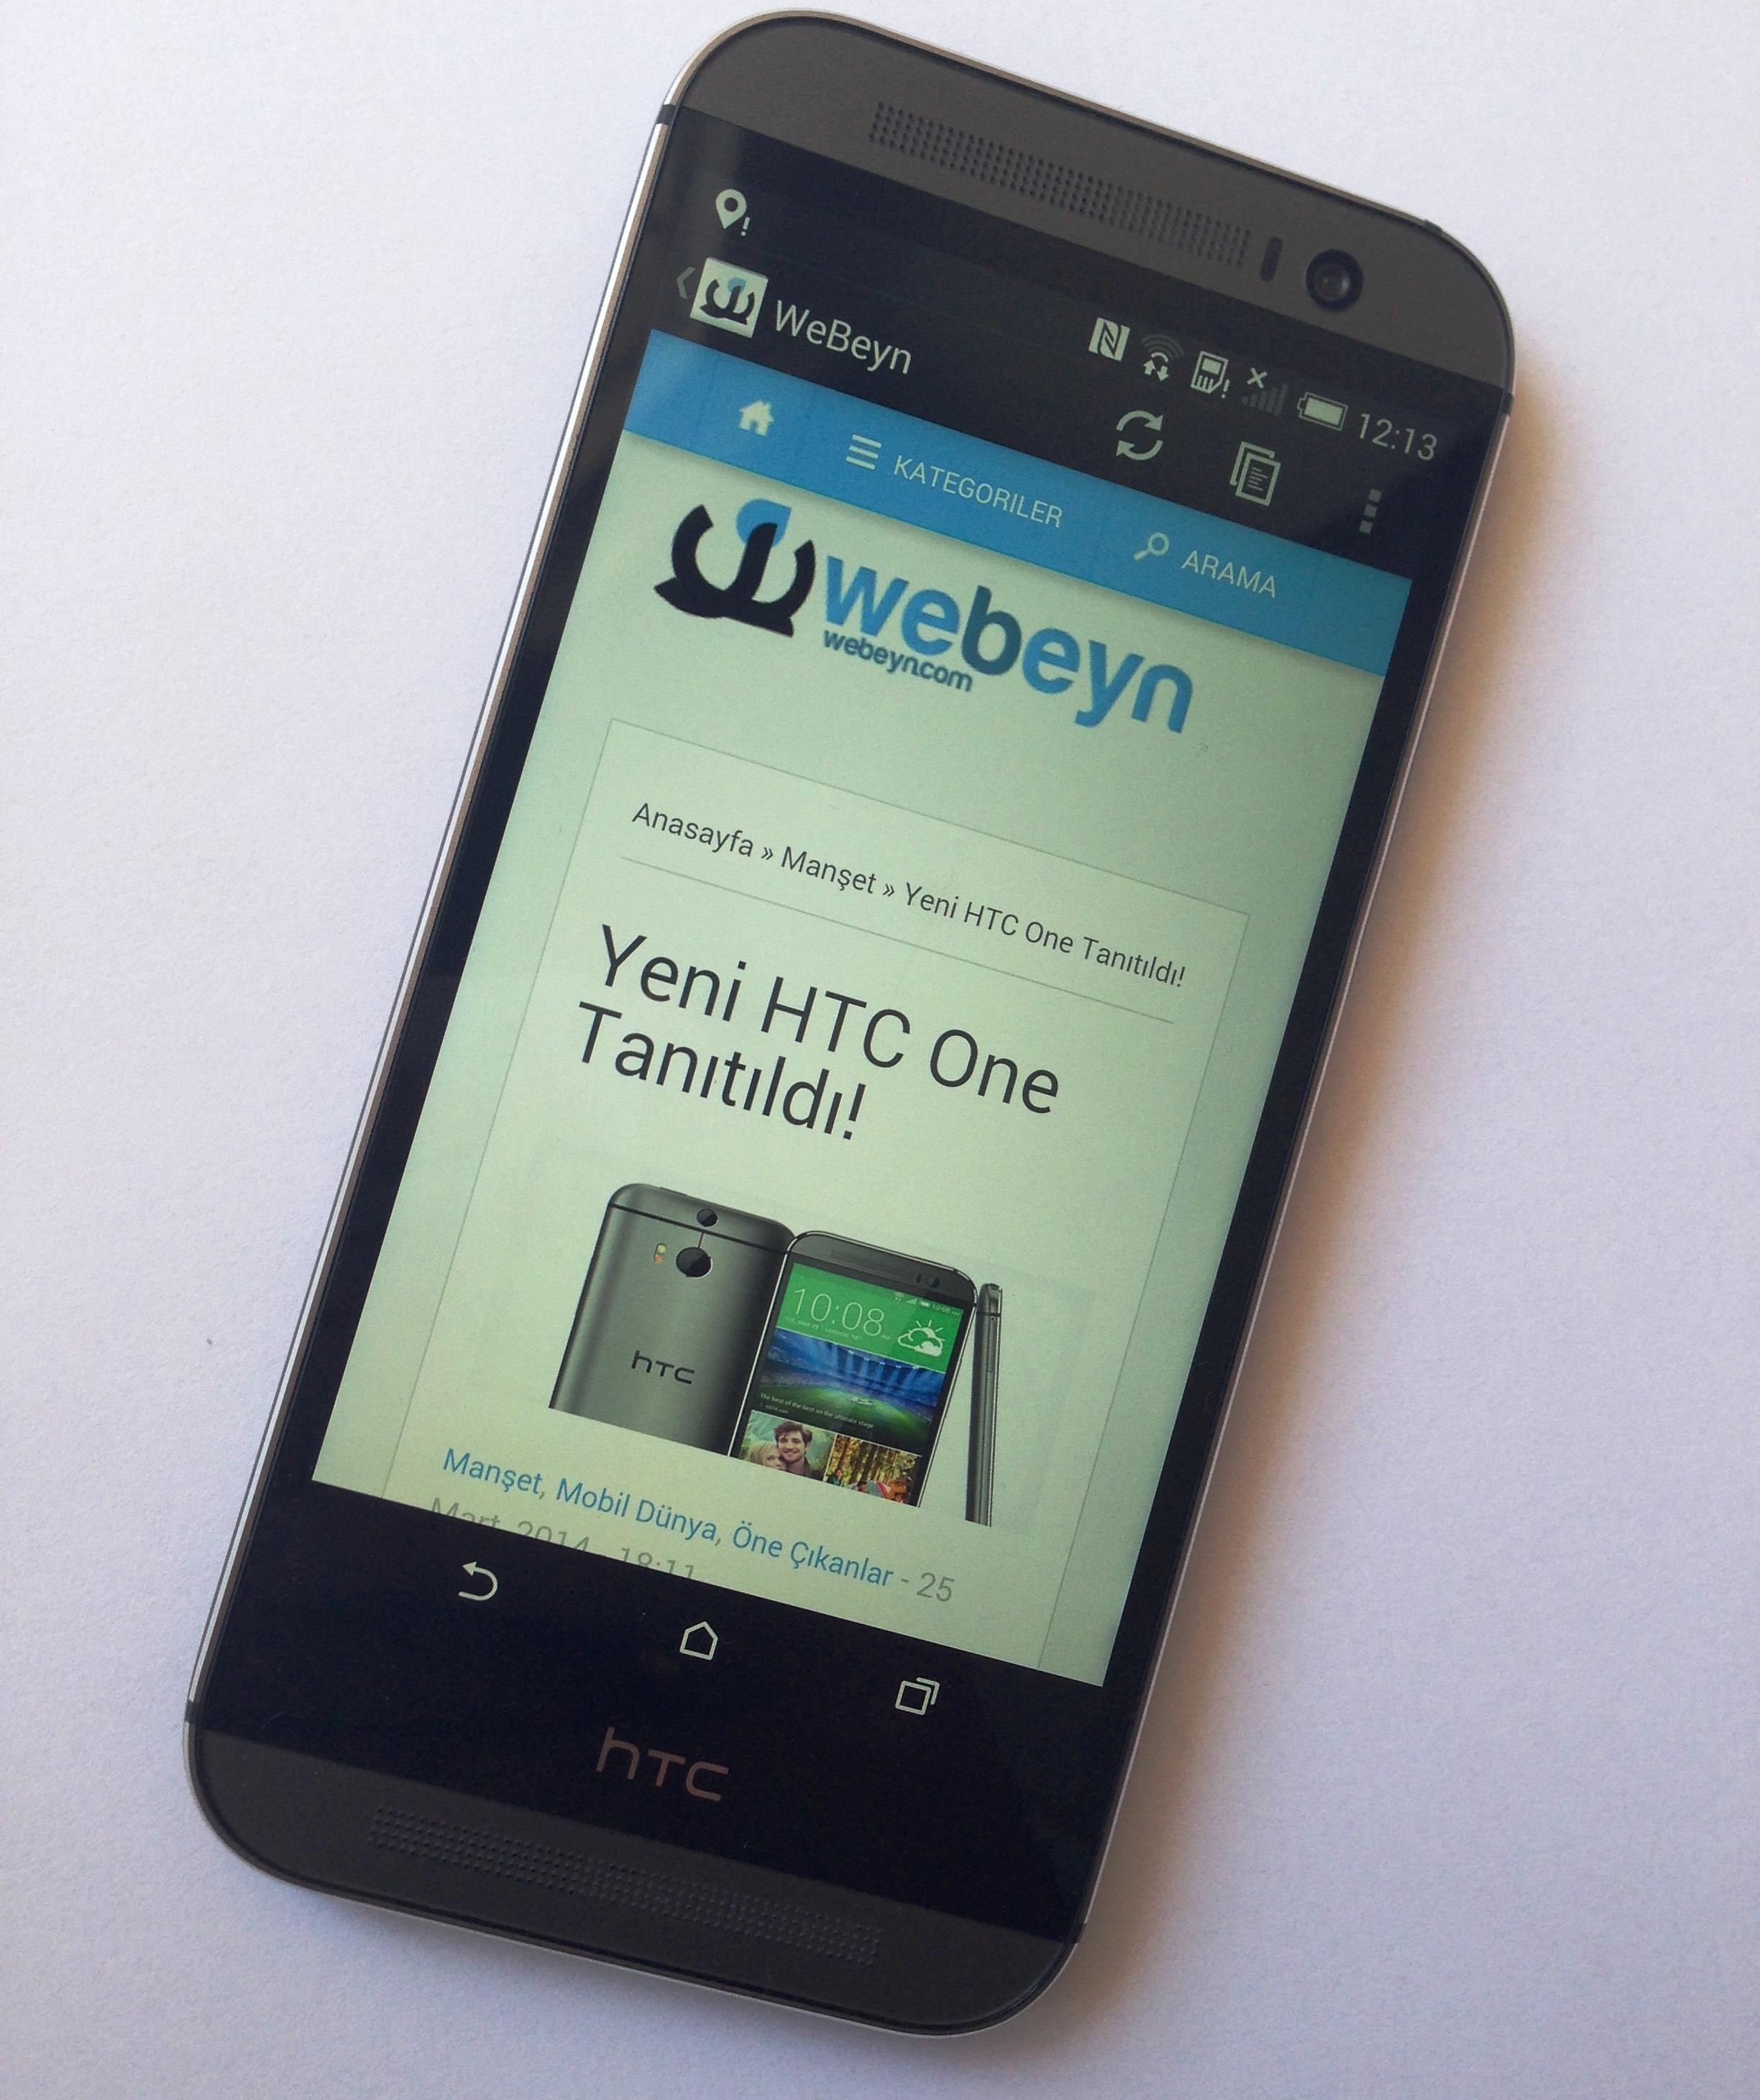 HTC-One-M8-inceleme-webeyn-2